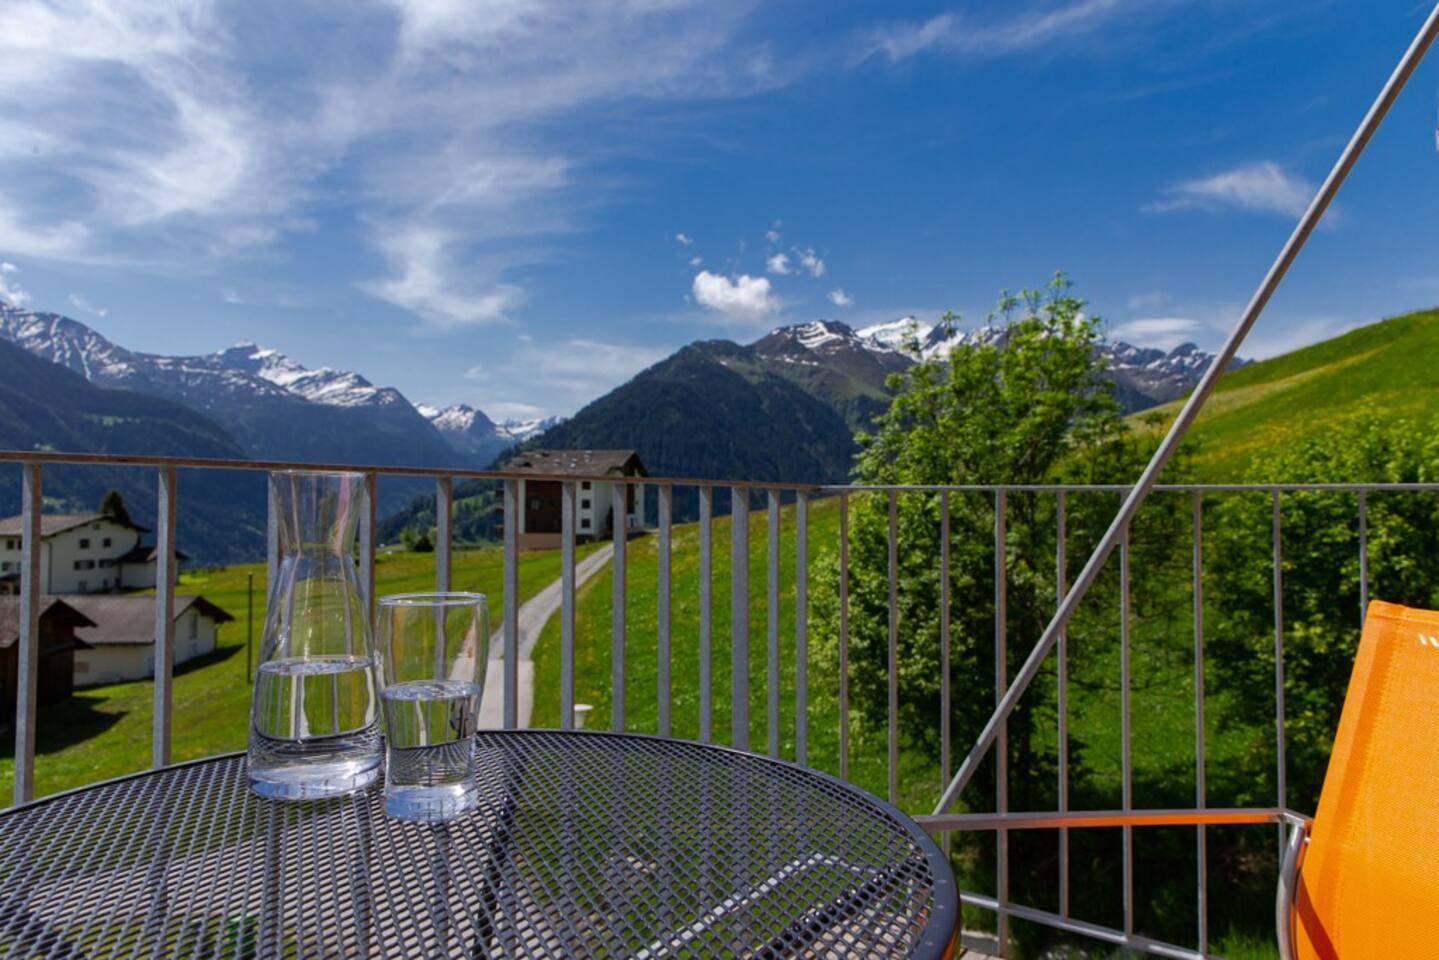 Aussicht von unserem Balkon. Rundumblick in die nahe gelegenen Alpen.